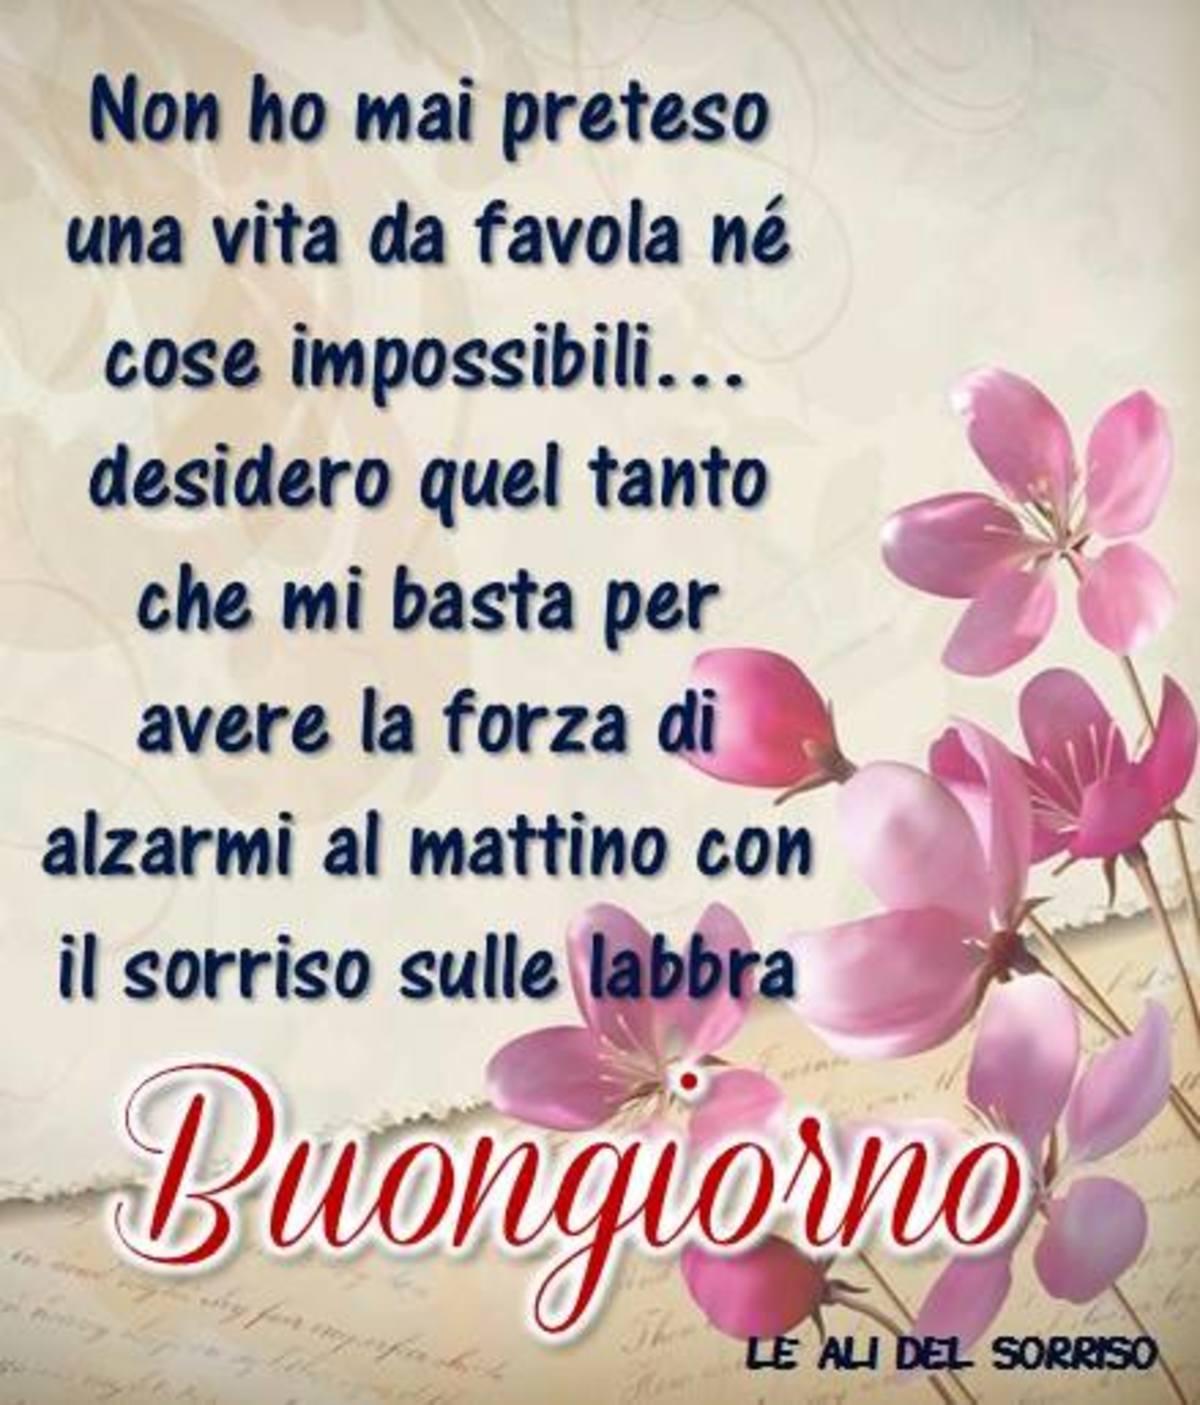 Famoso Belle frasi del buongiorno - BuongiornoATe.it VN76